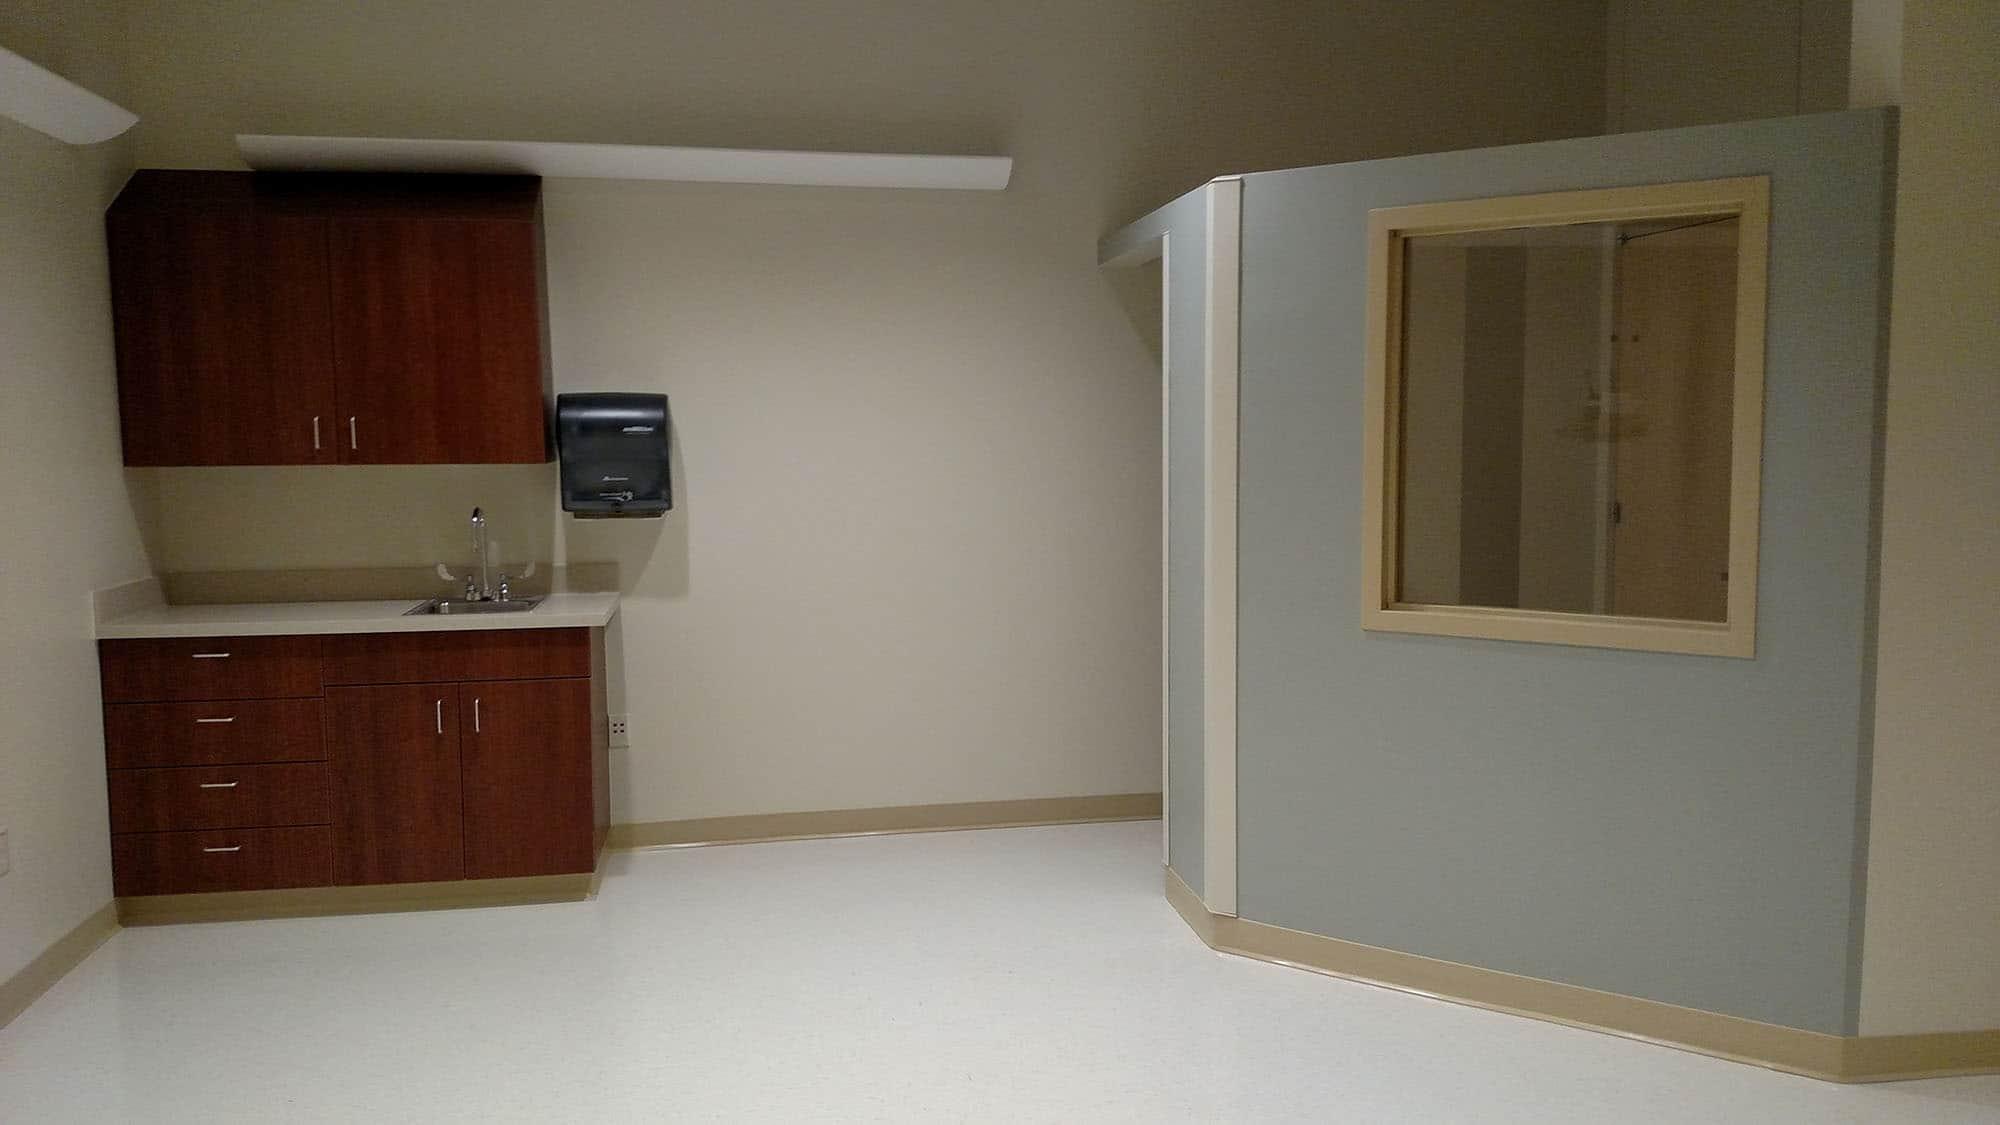 IMG_20141205_144158761Irwin Army Hospital